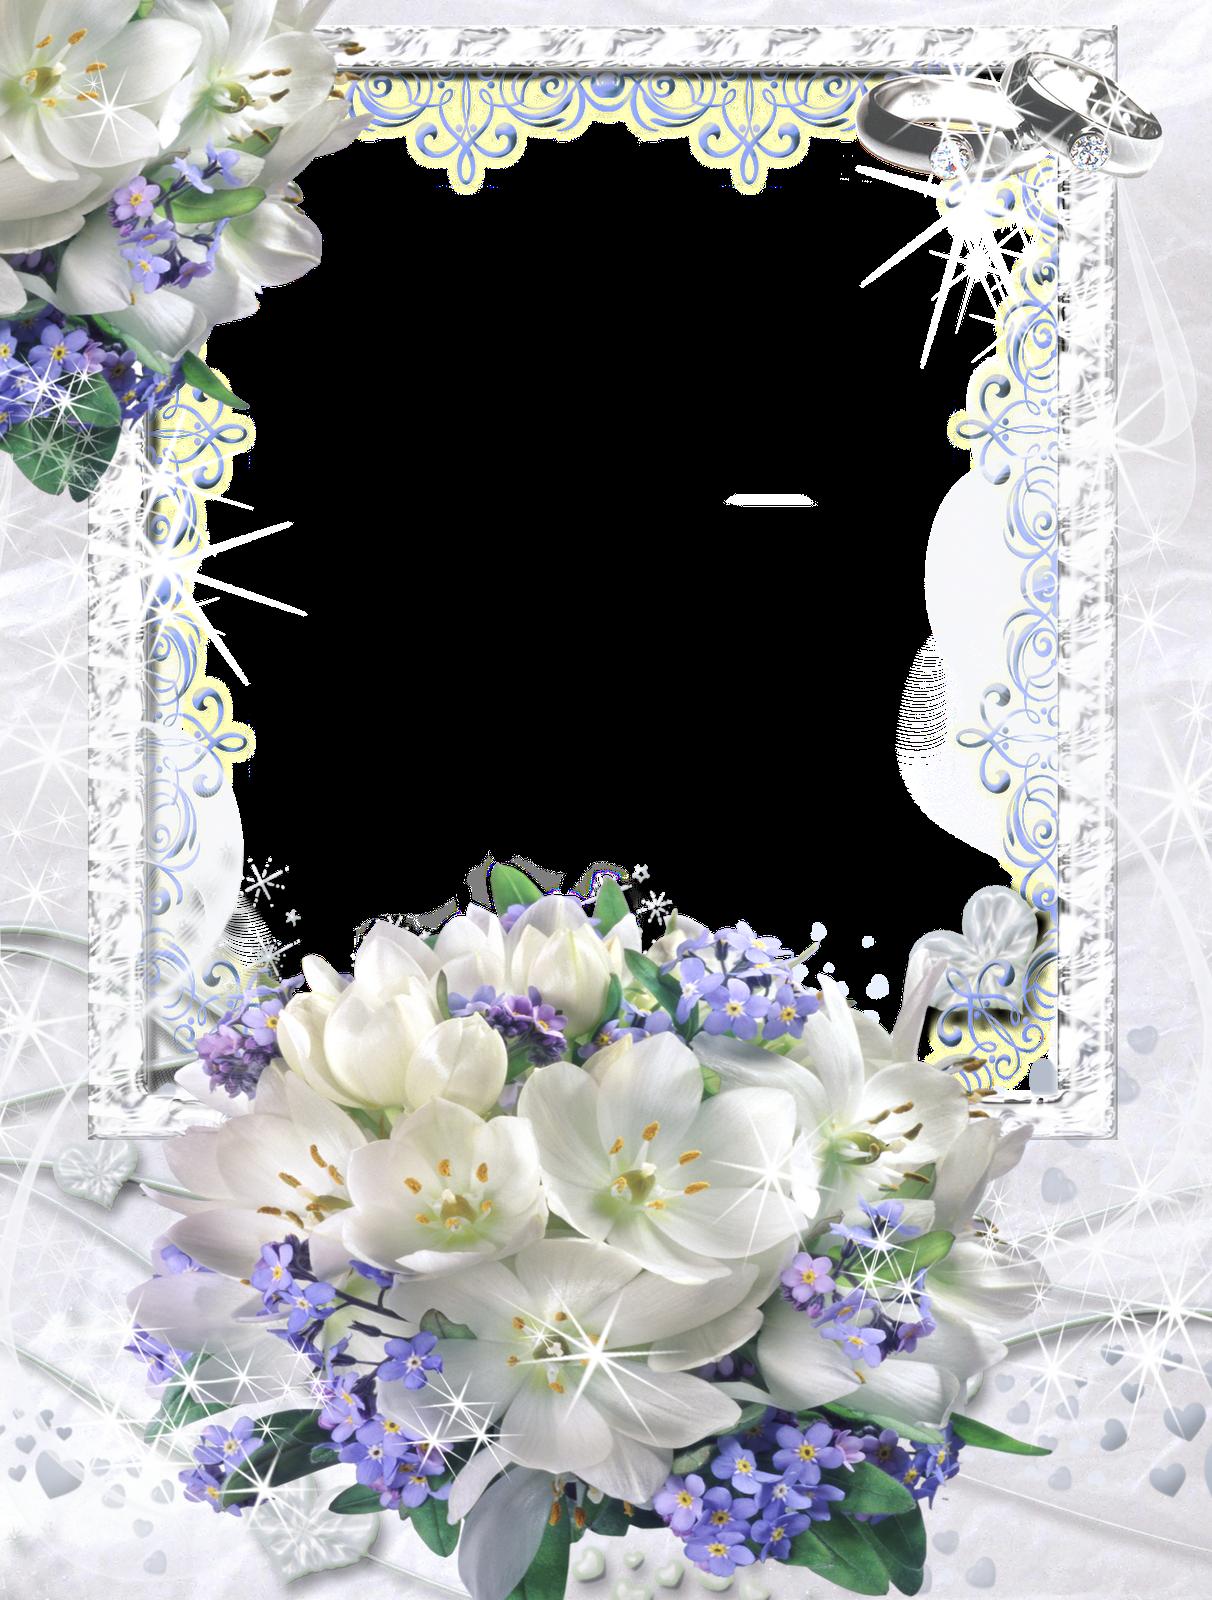 Средой, свадебные картинки для поздравлений